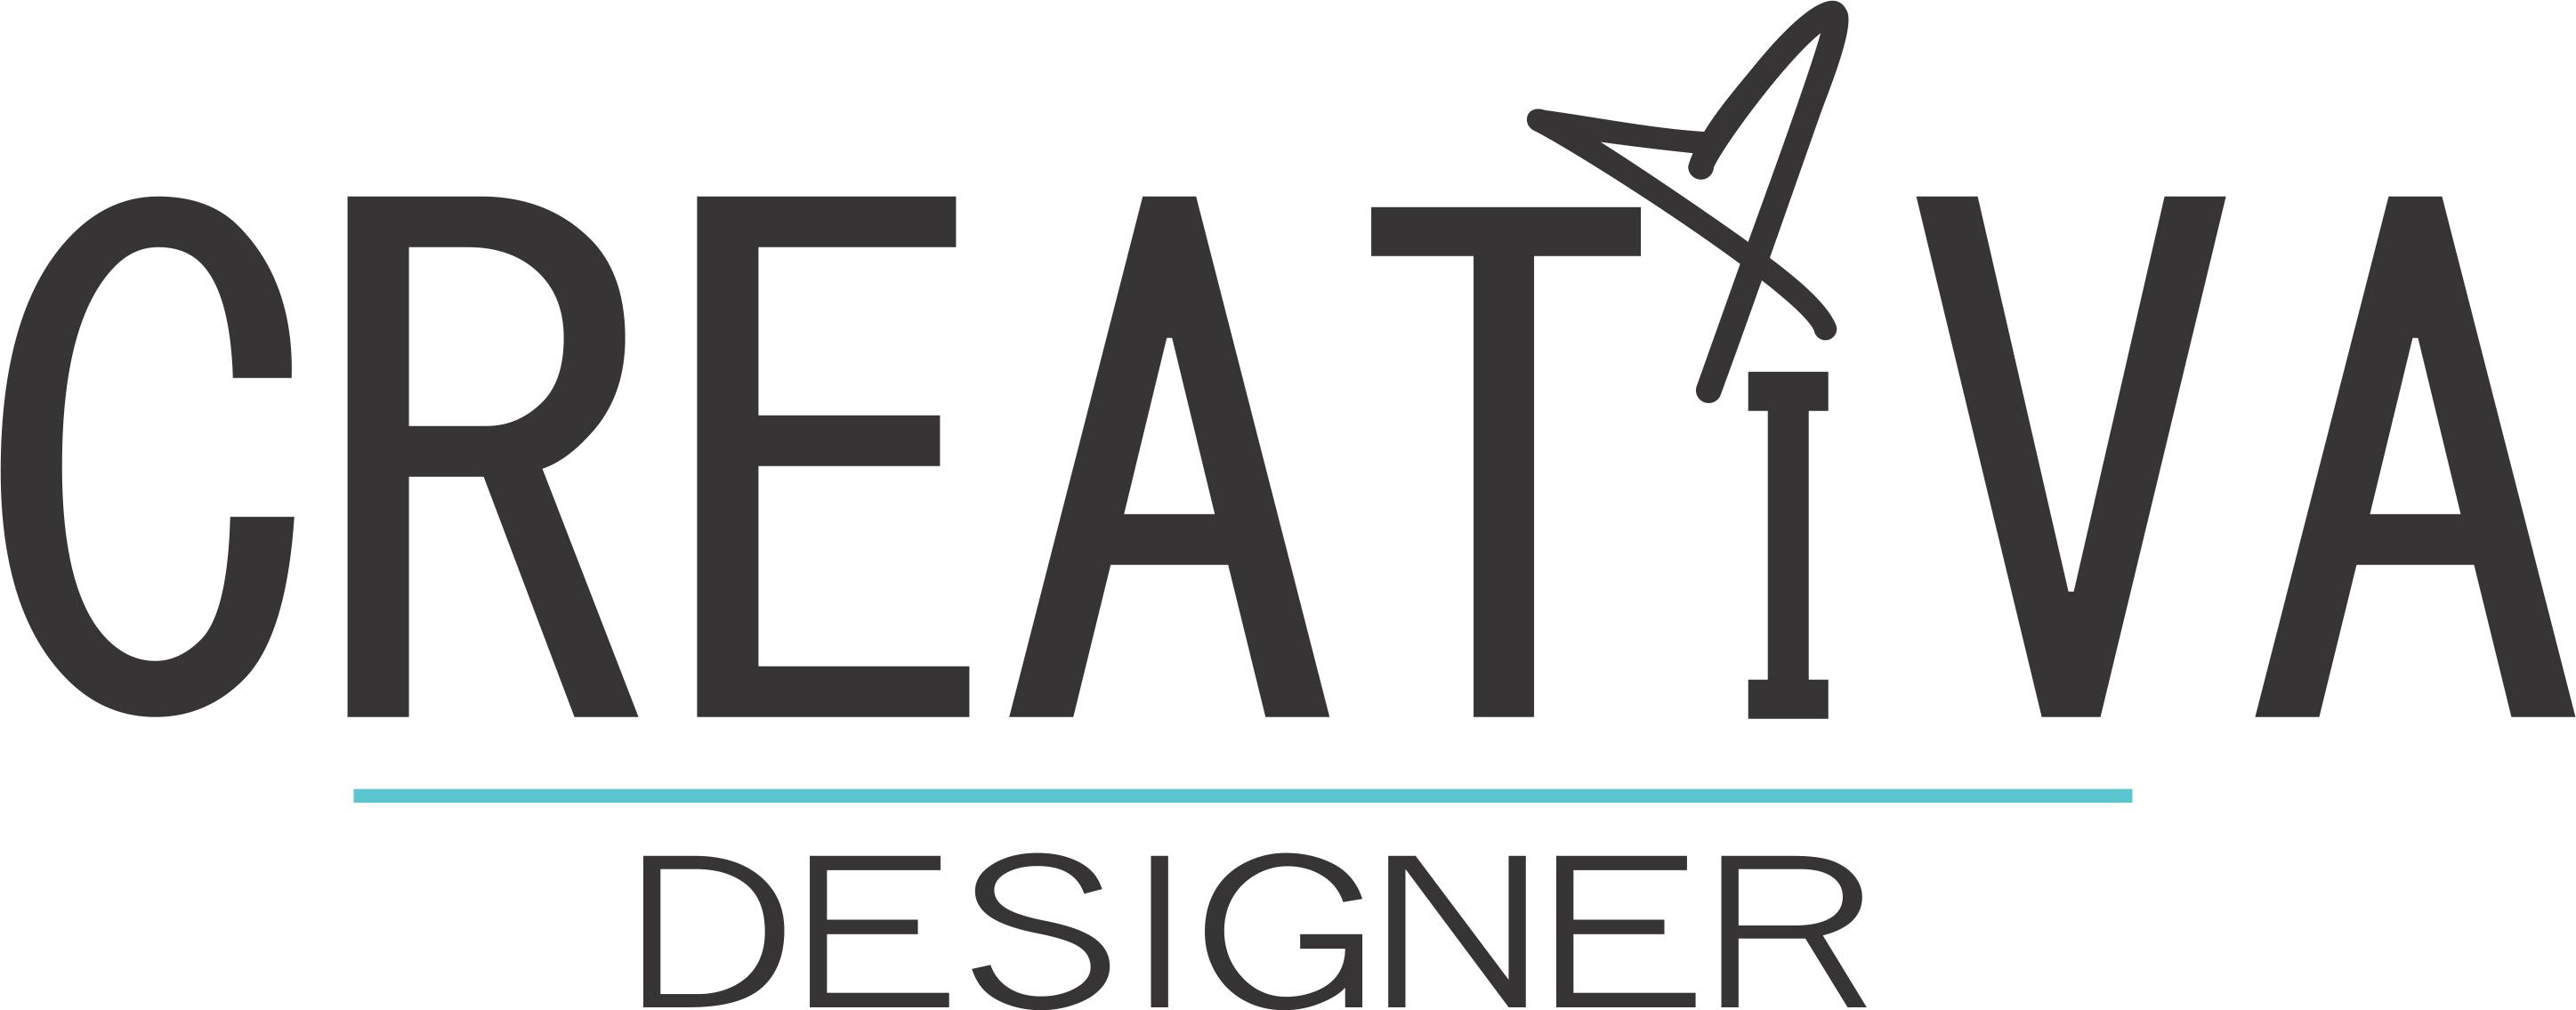 creativa Designer